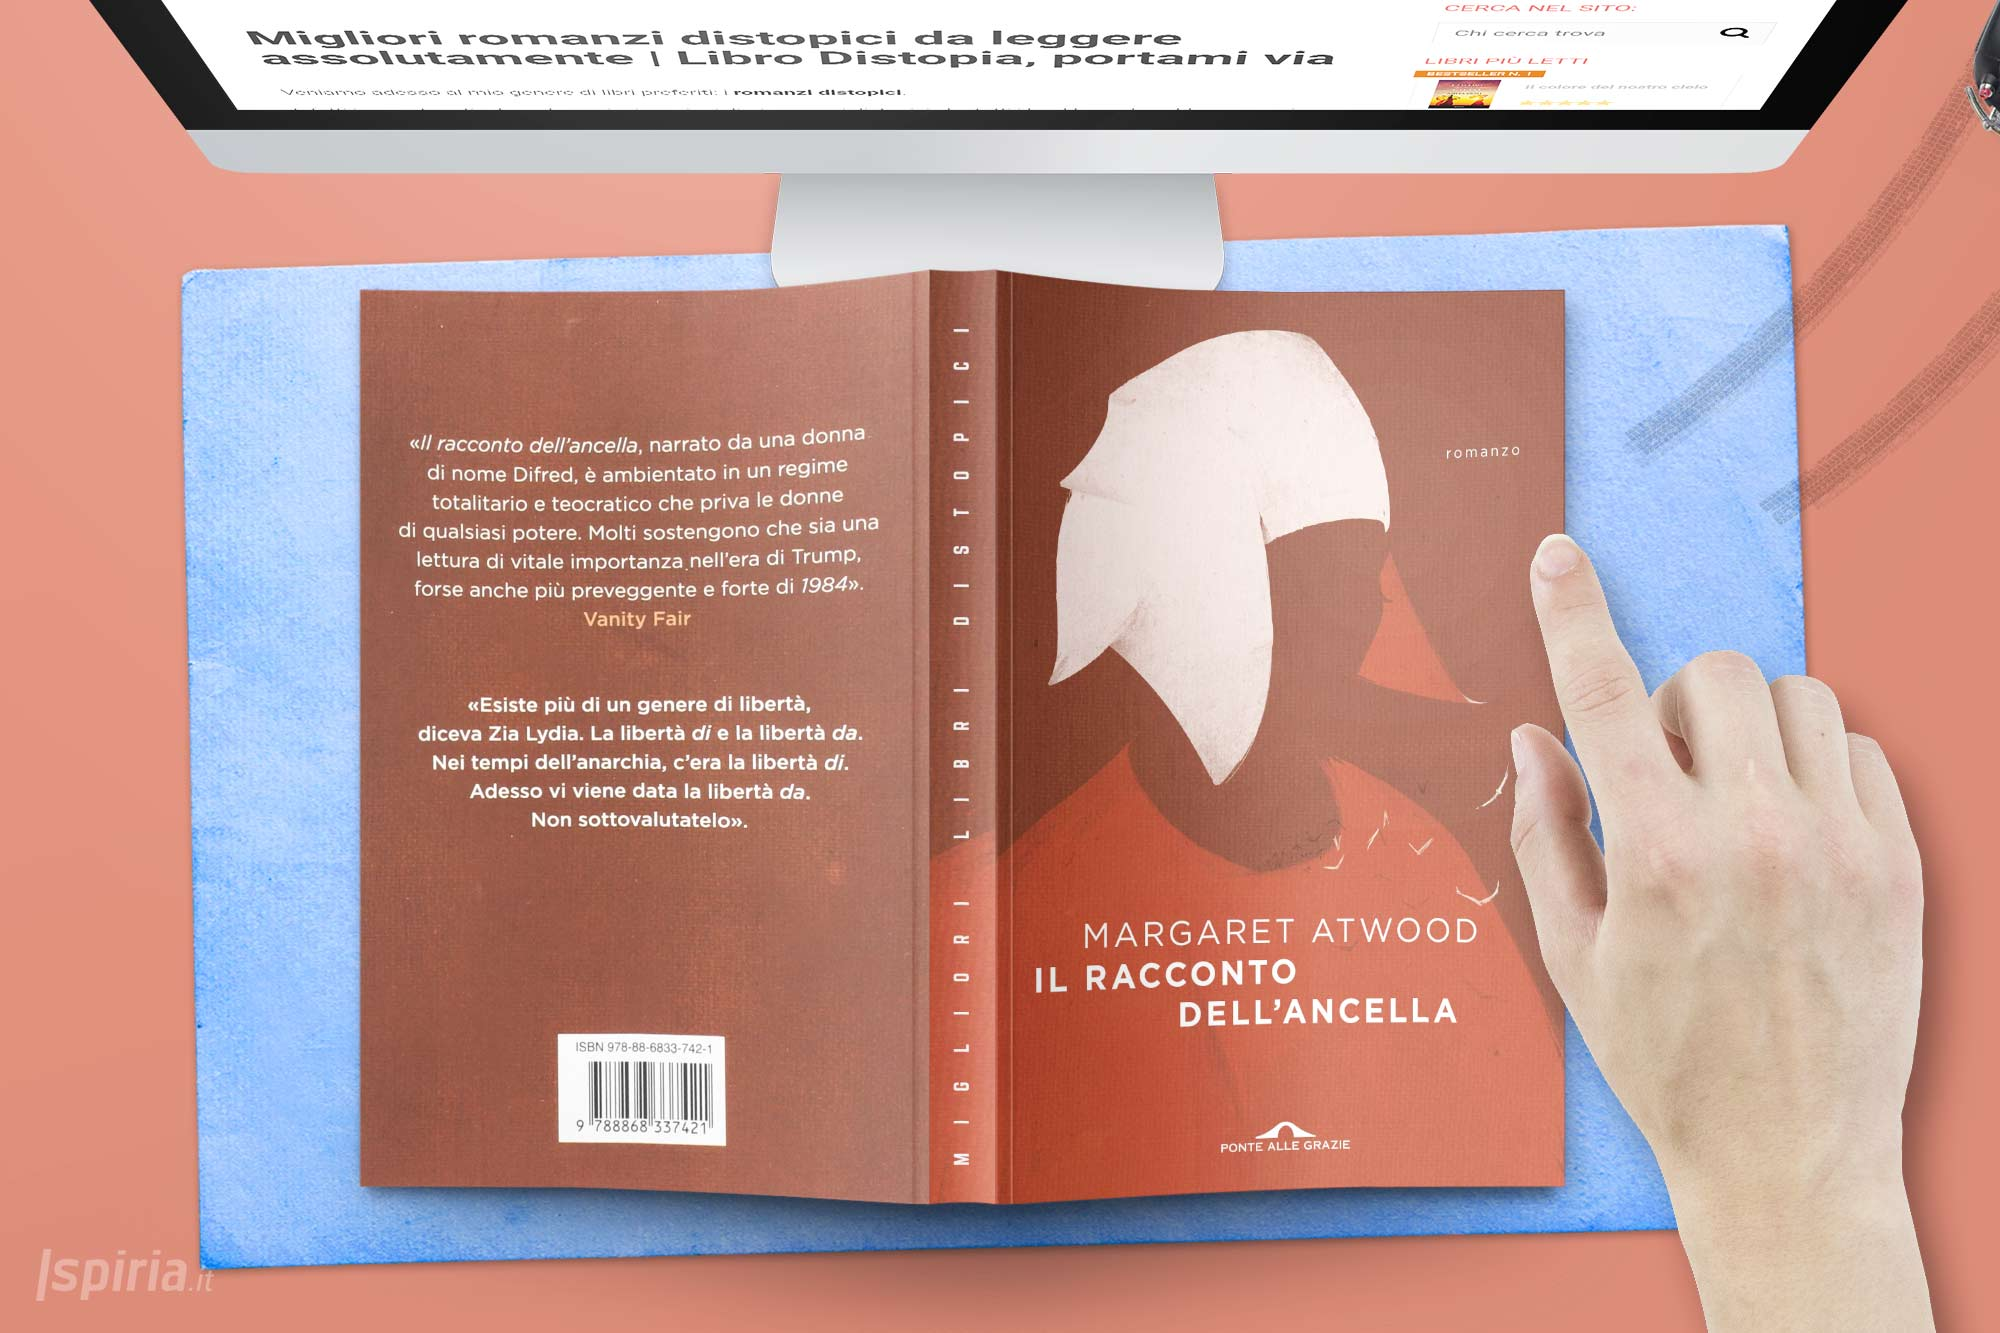 libri-distopici-migliori-racconto-dell'ancella-atwood